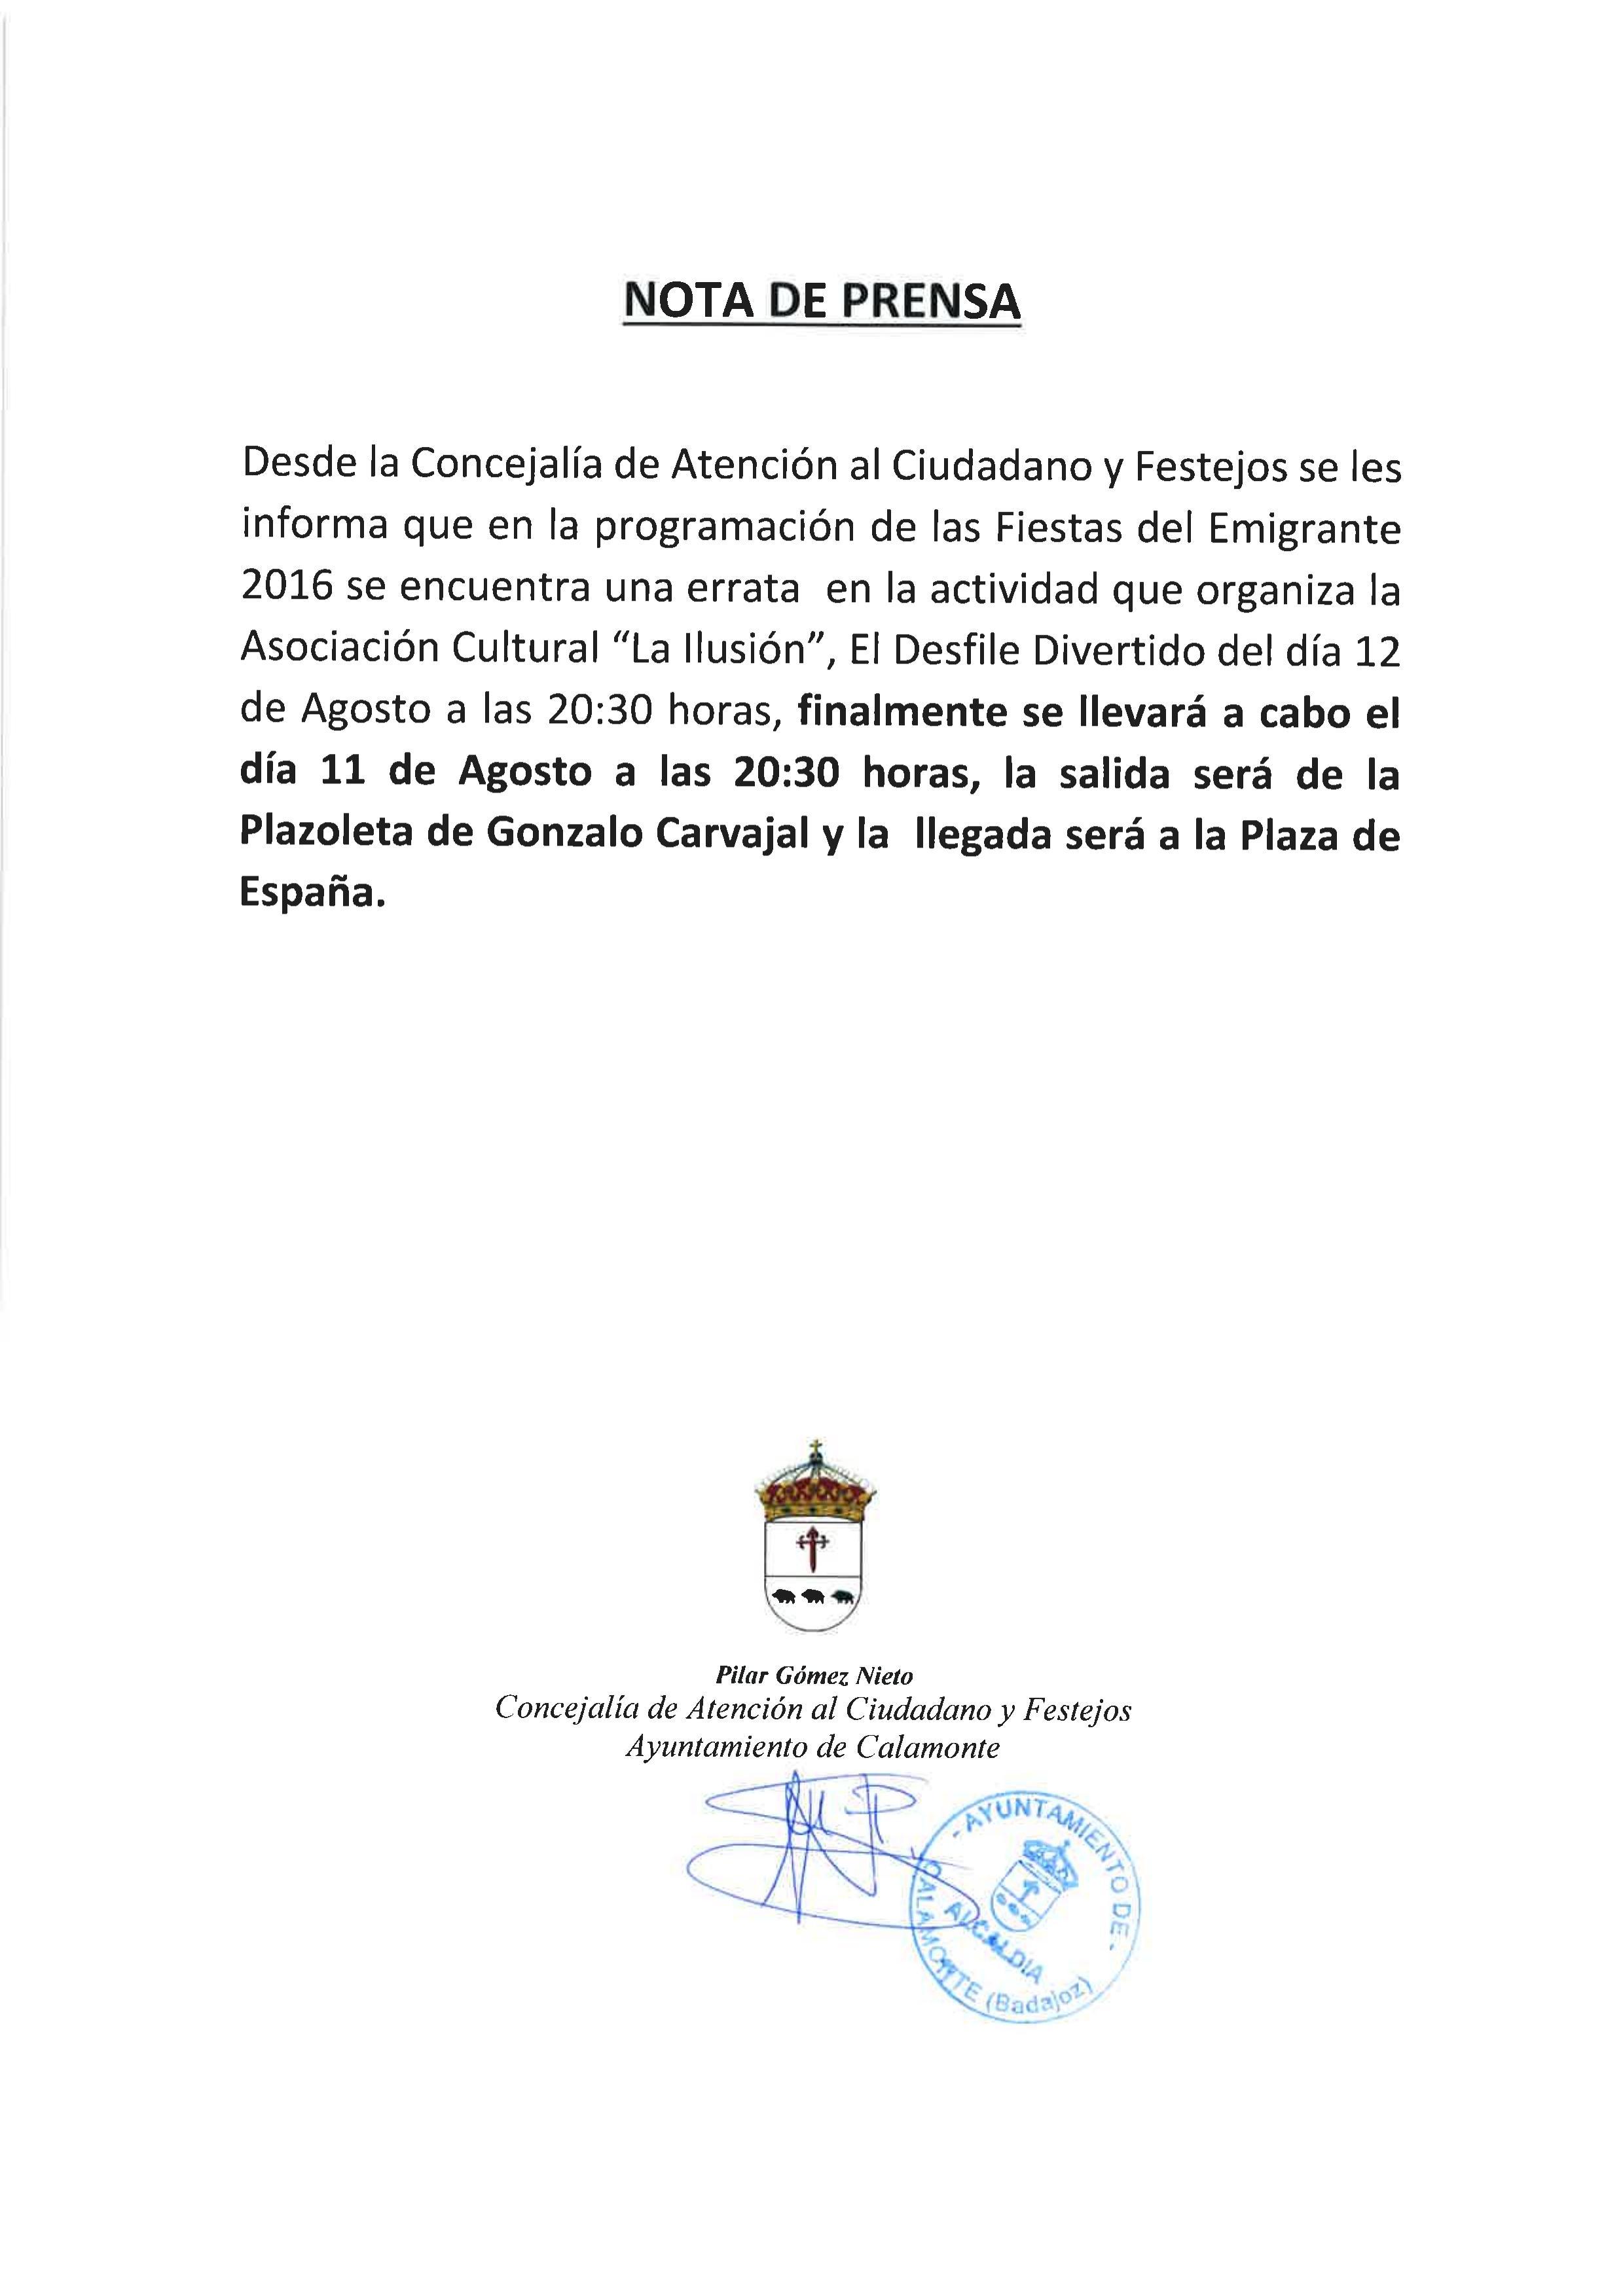 Excmo ayuntamiento de calamonte cambio de d a del for Oficina de atencion al ciudadano linea madrid